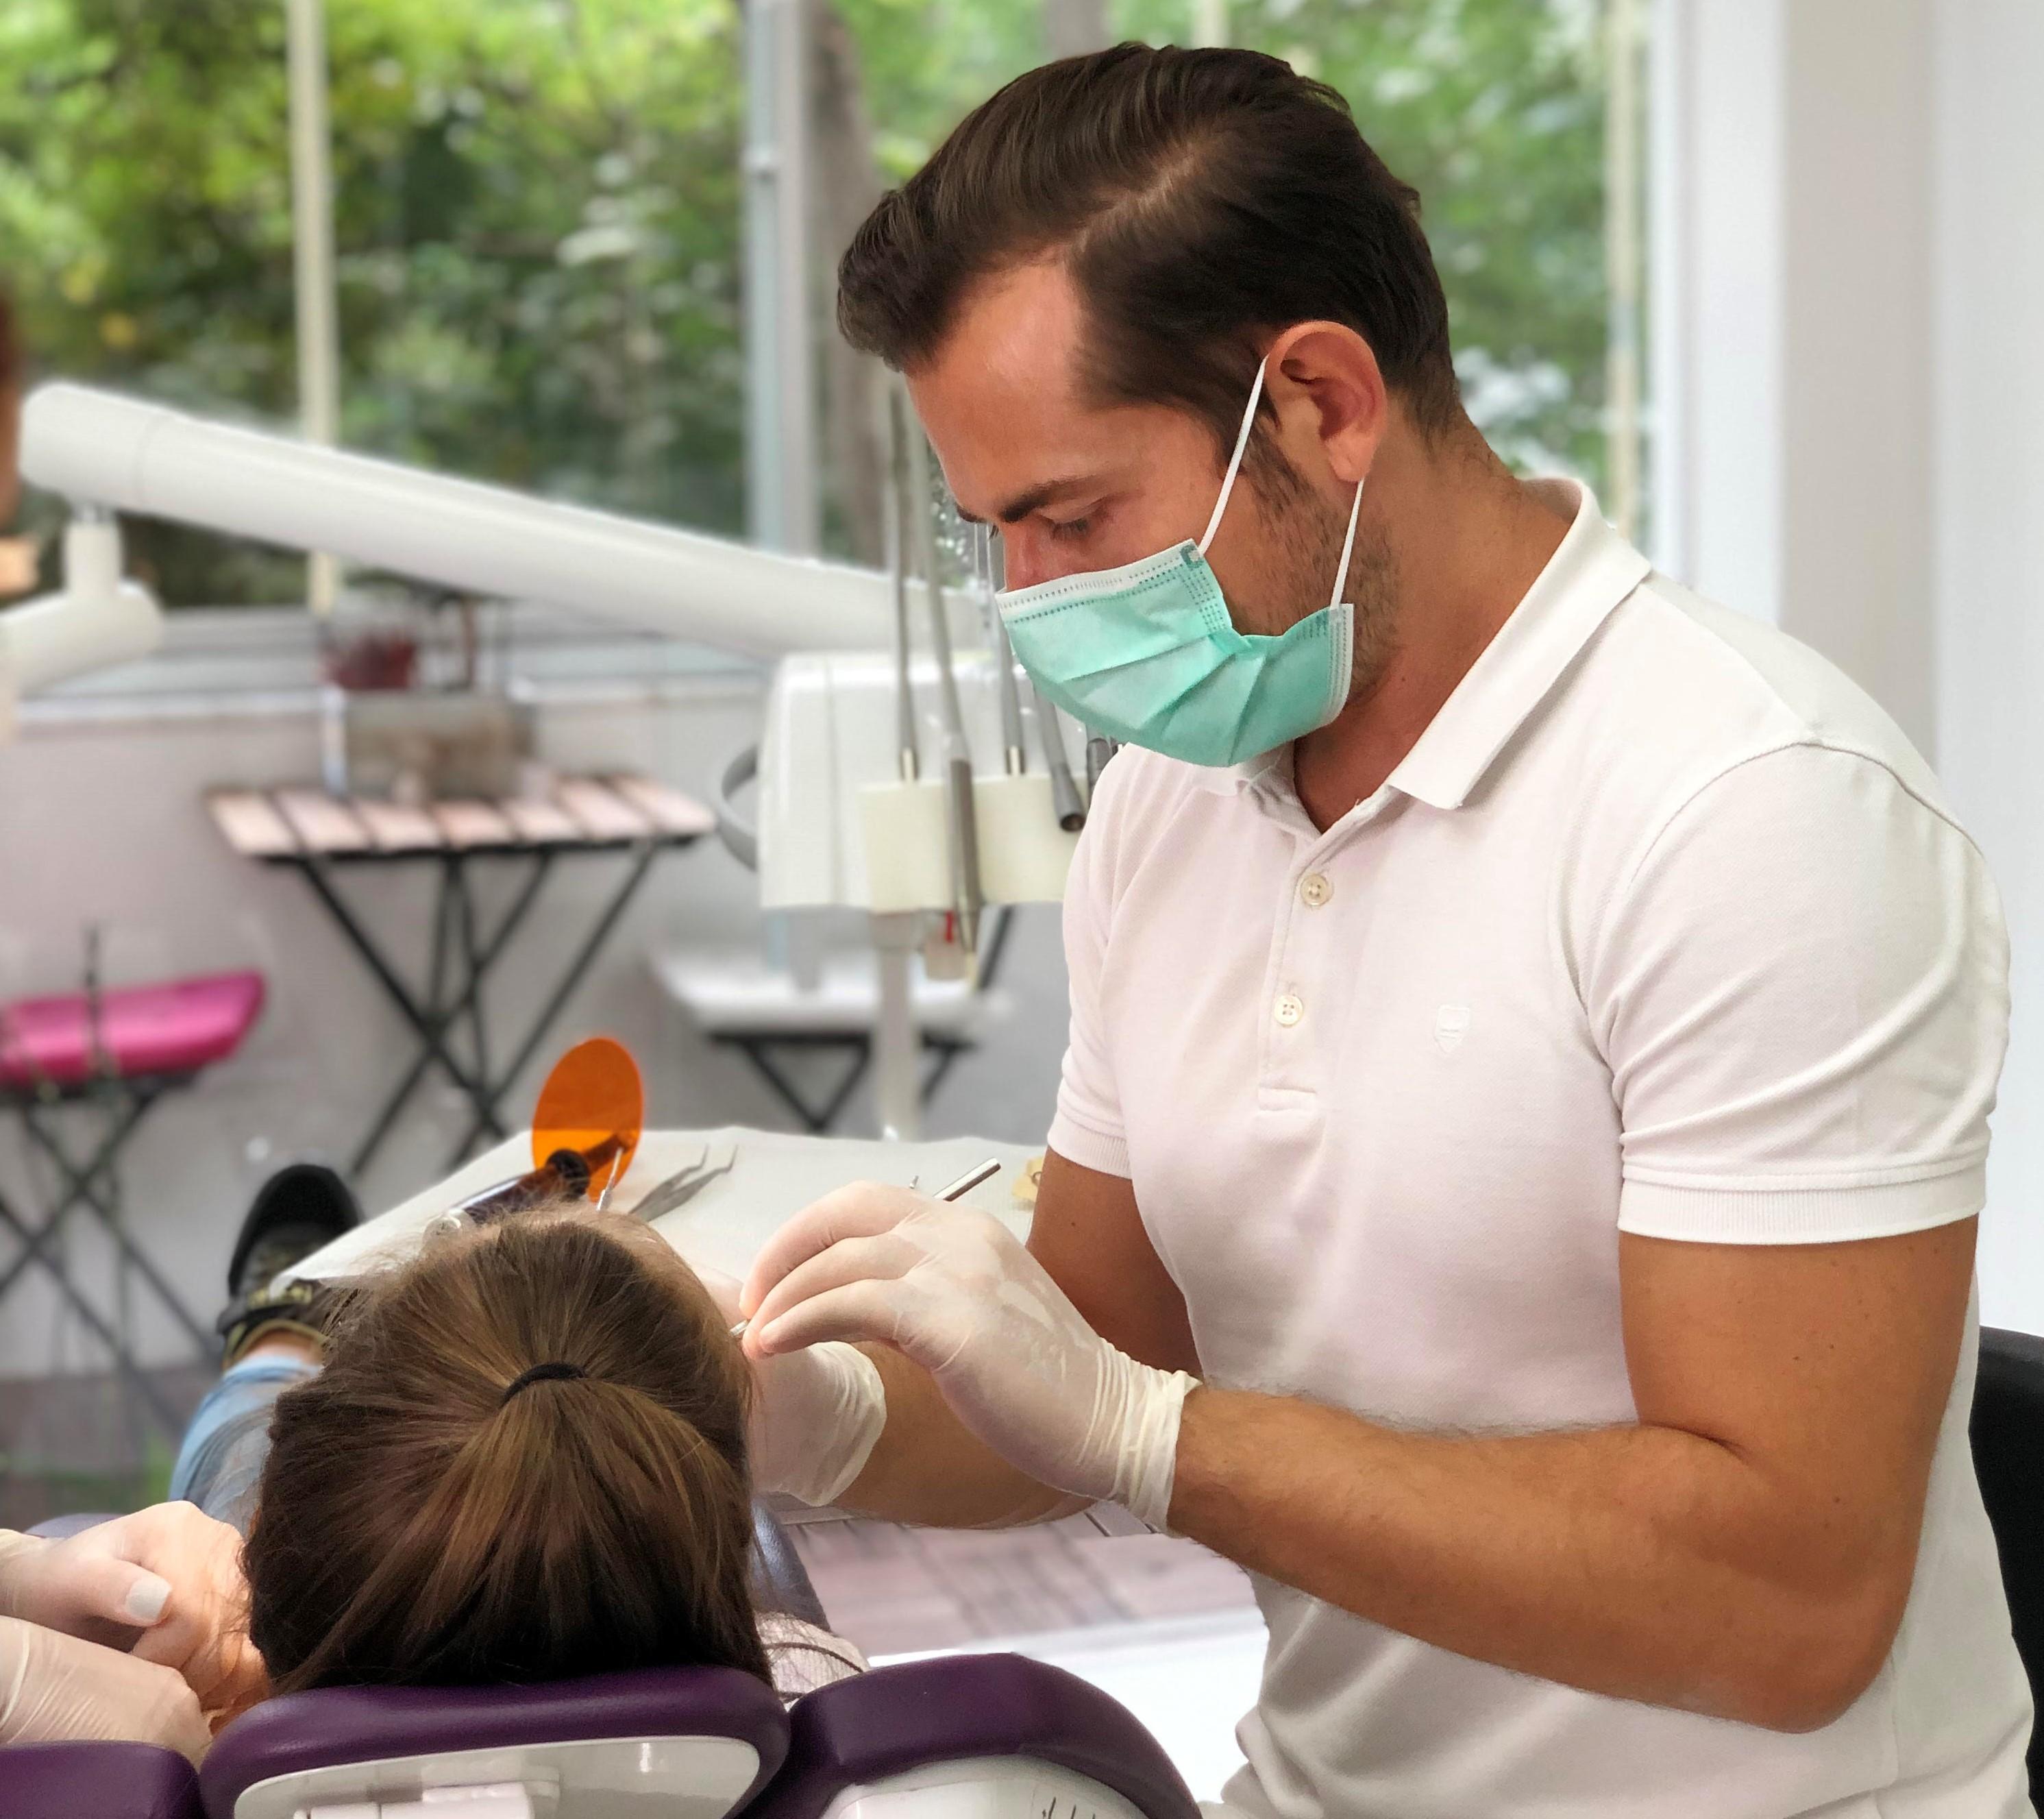 şeffaf diş plakları invisalign